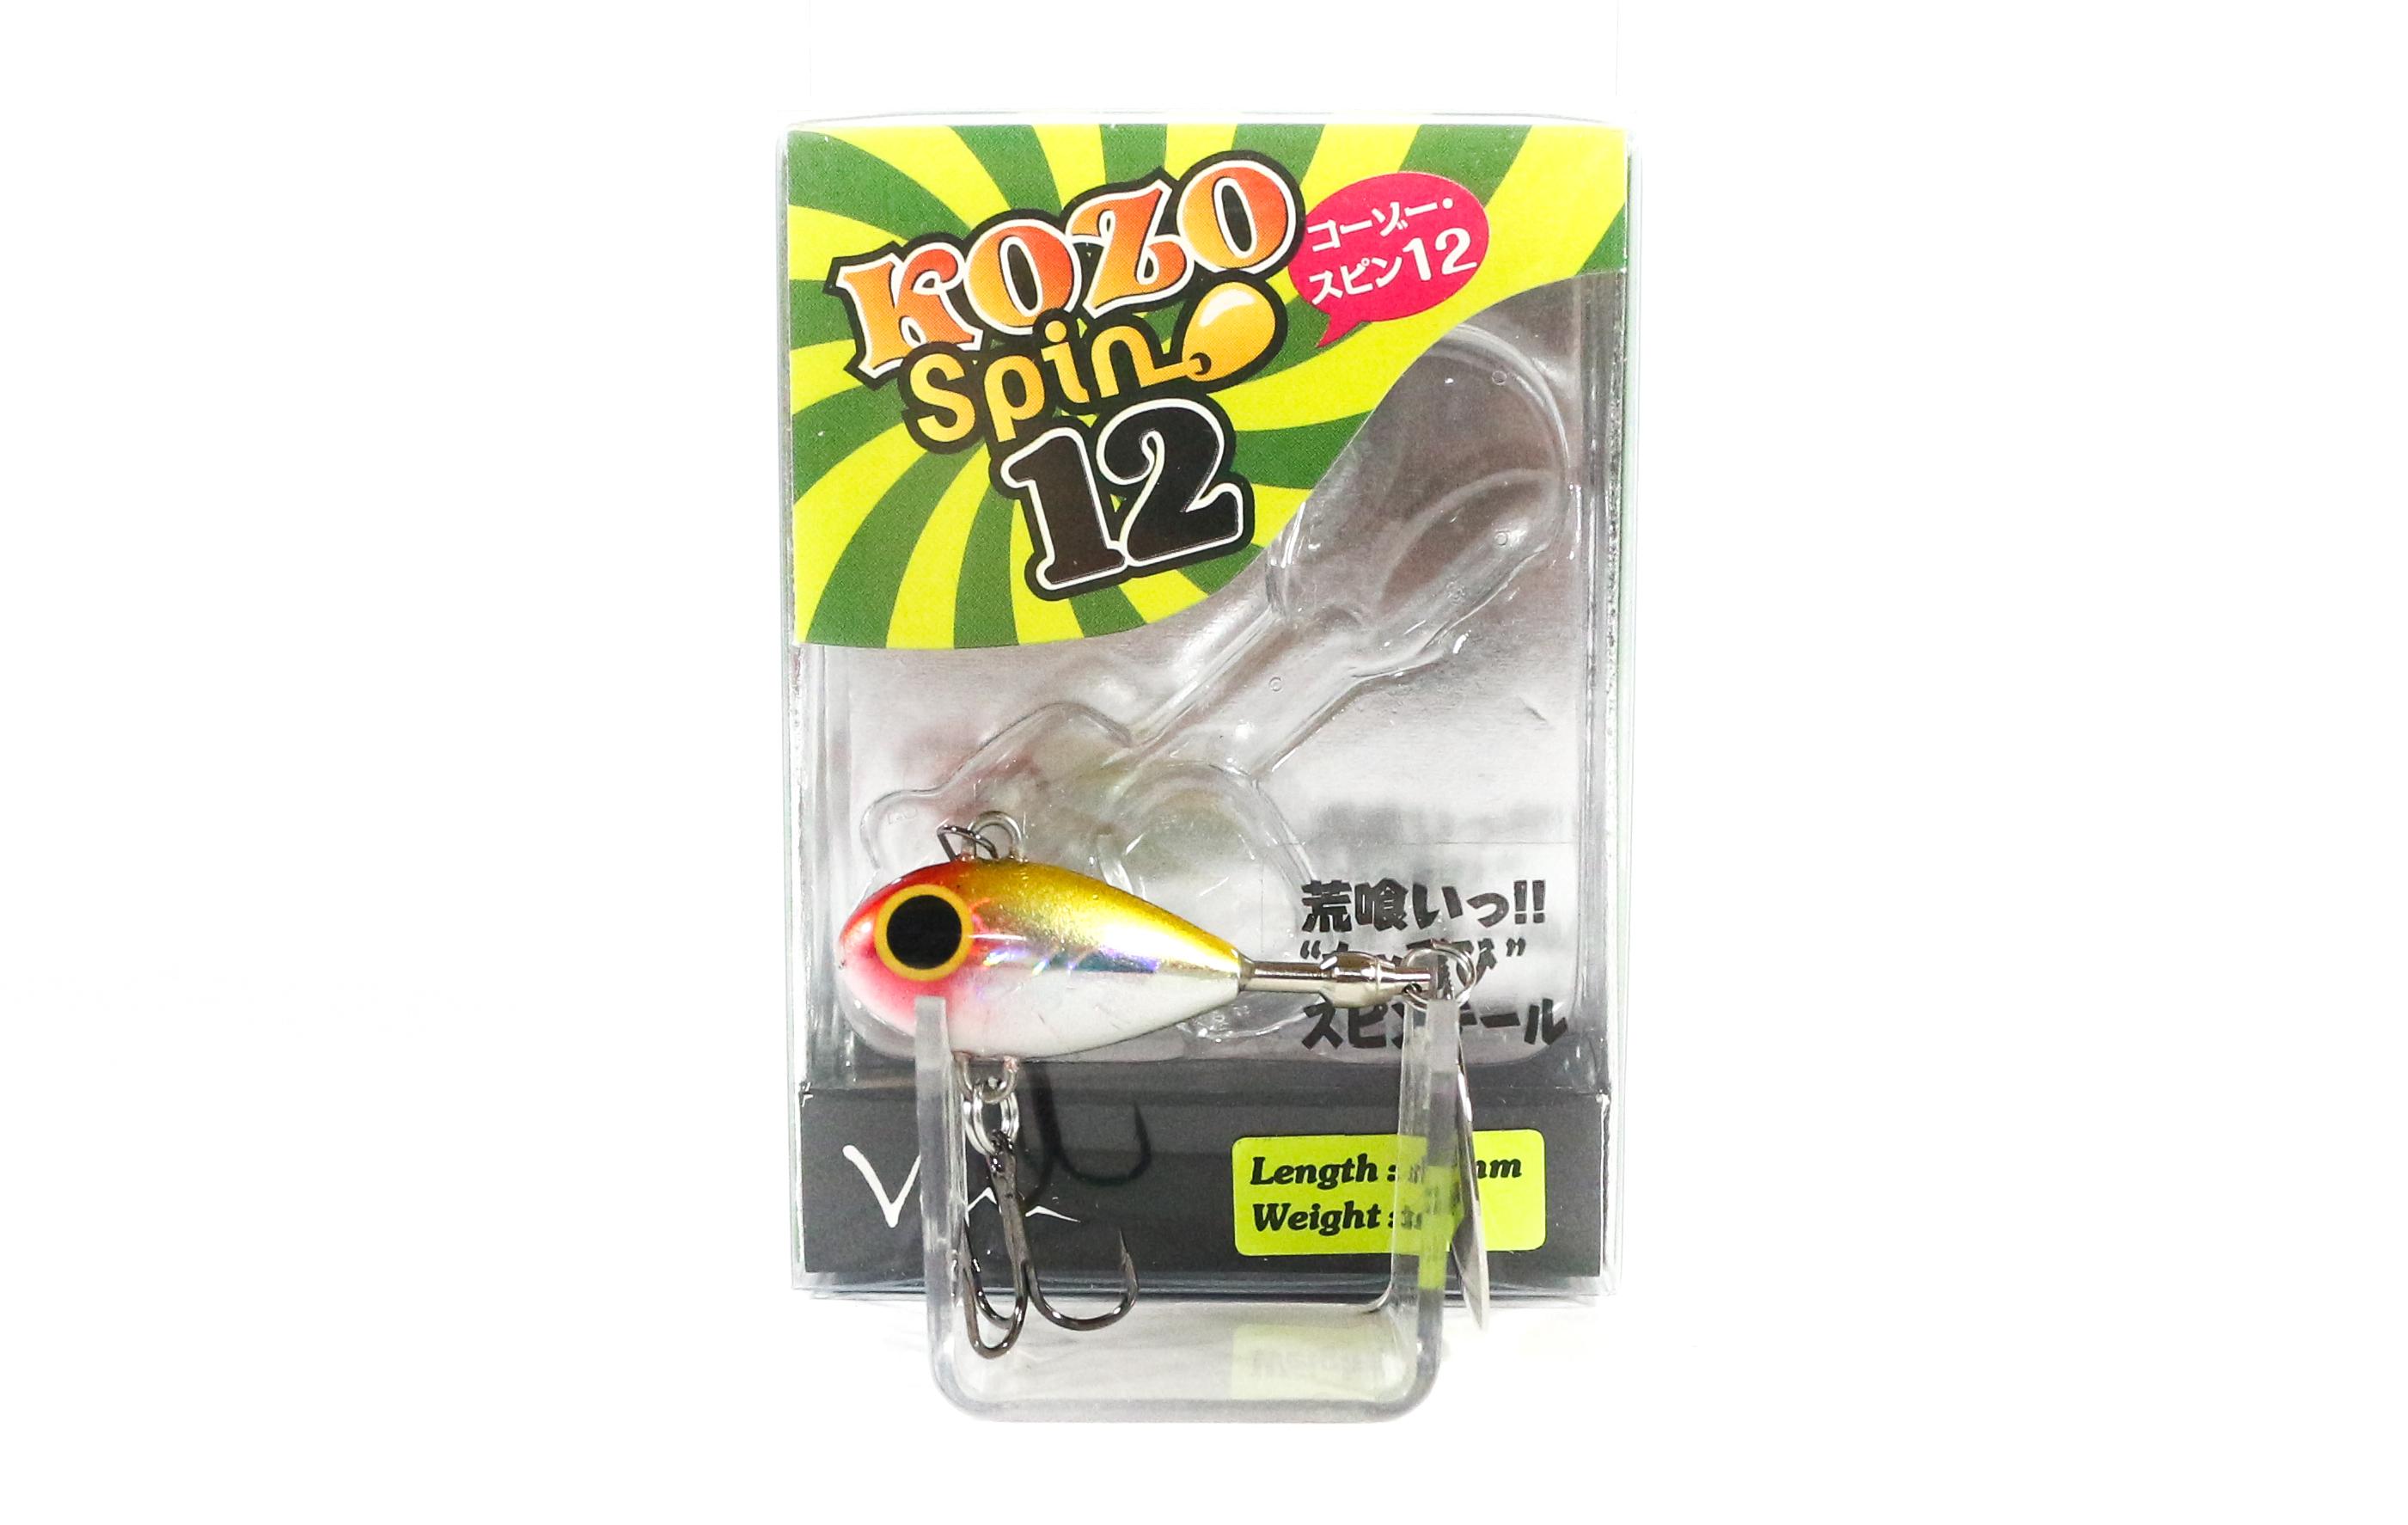 Viva Kozo Spin 12 grams Spinner Bait Lure 169 (9148)